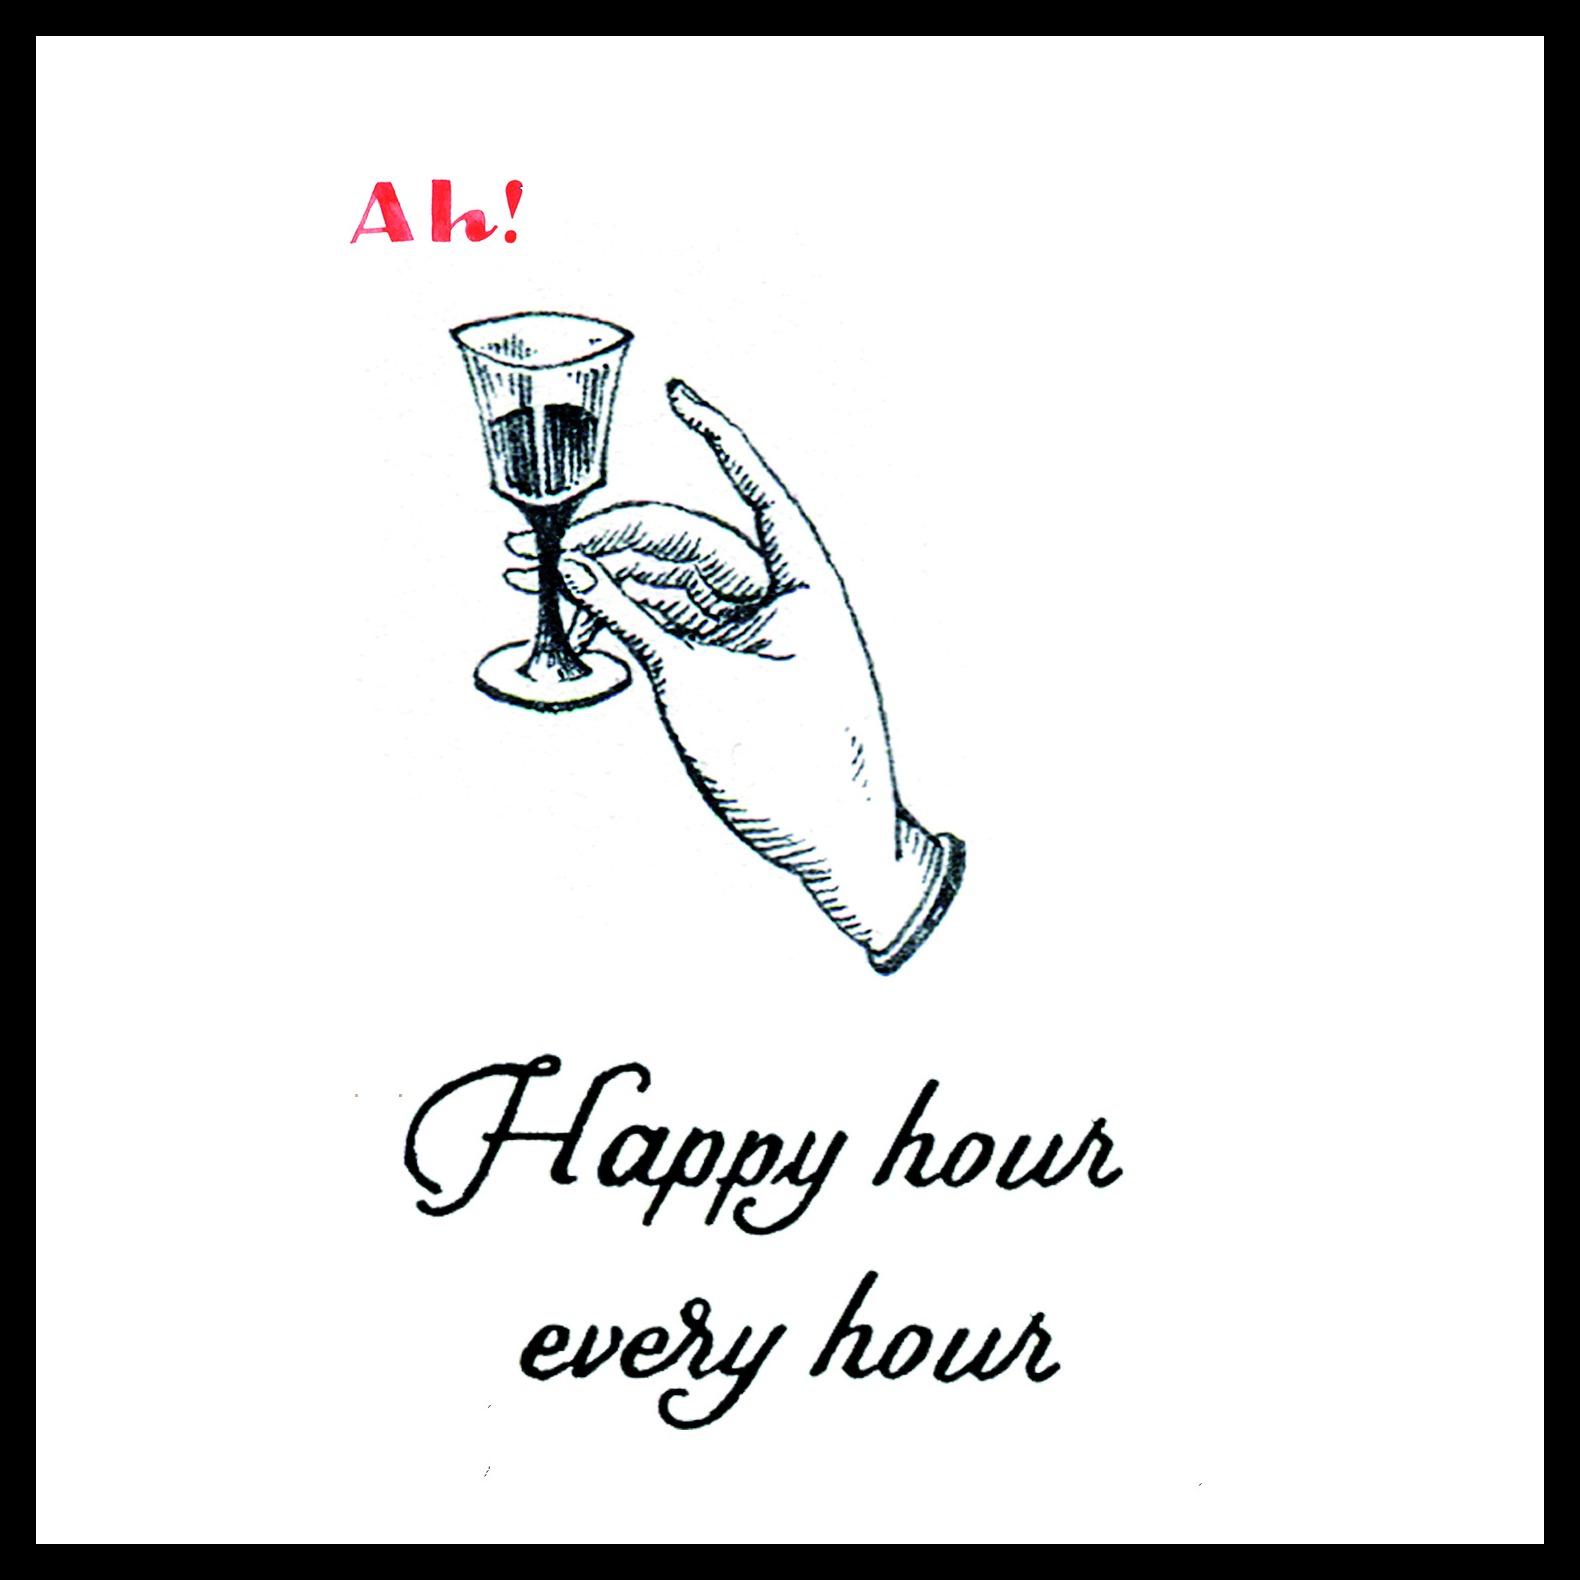 Ah! happy hour